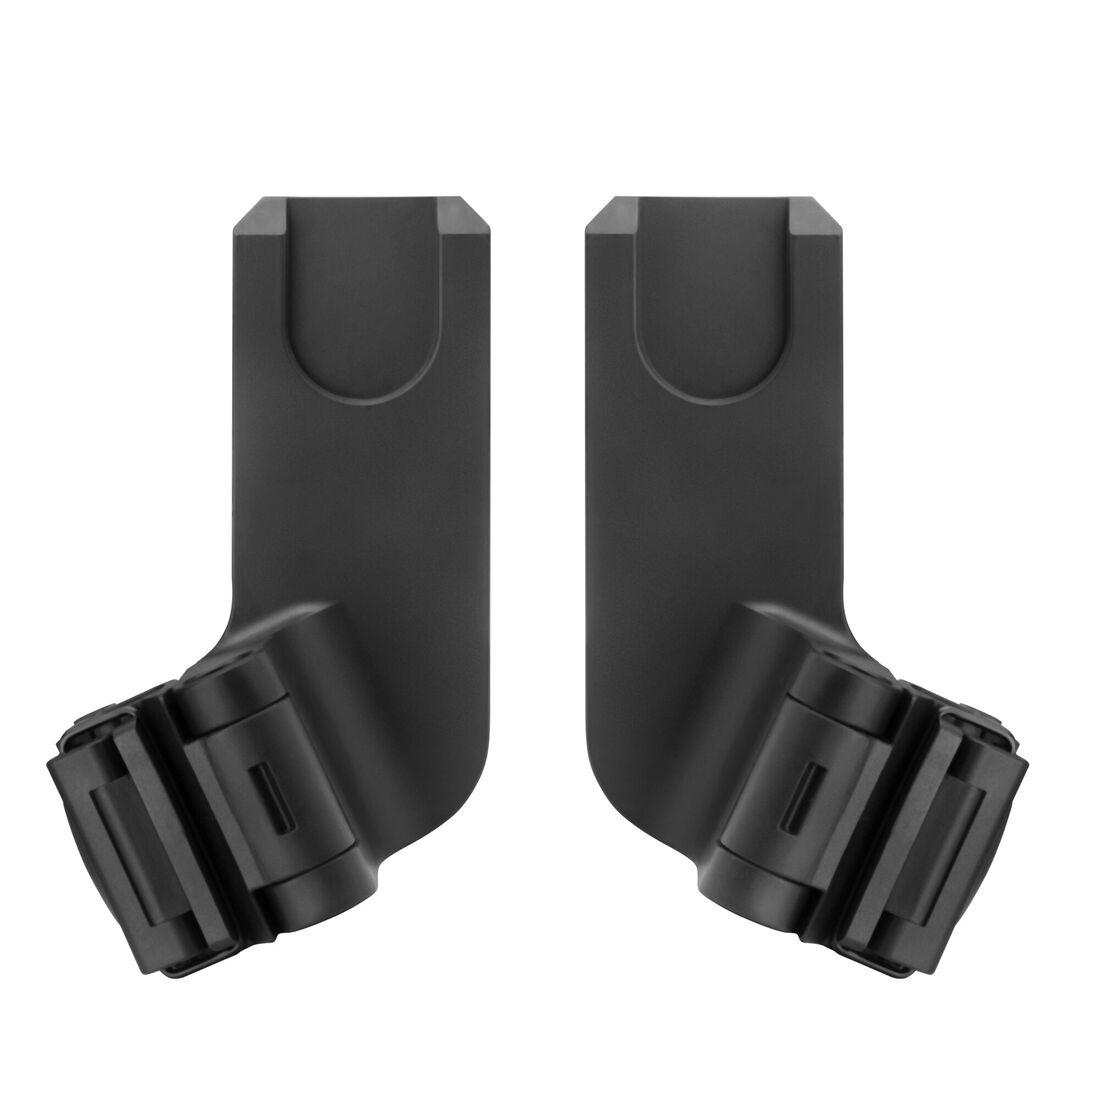 CYBEX Babyschalen Adapter Libelle - Black in Black large Bild 1